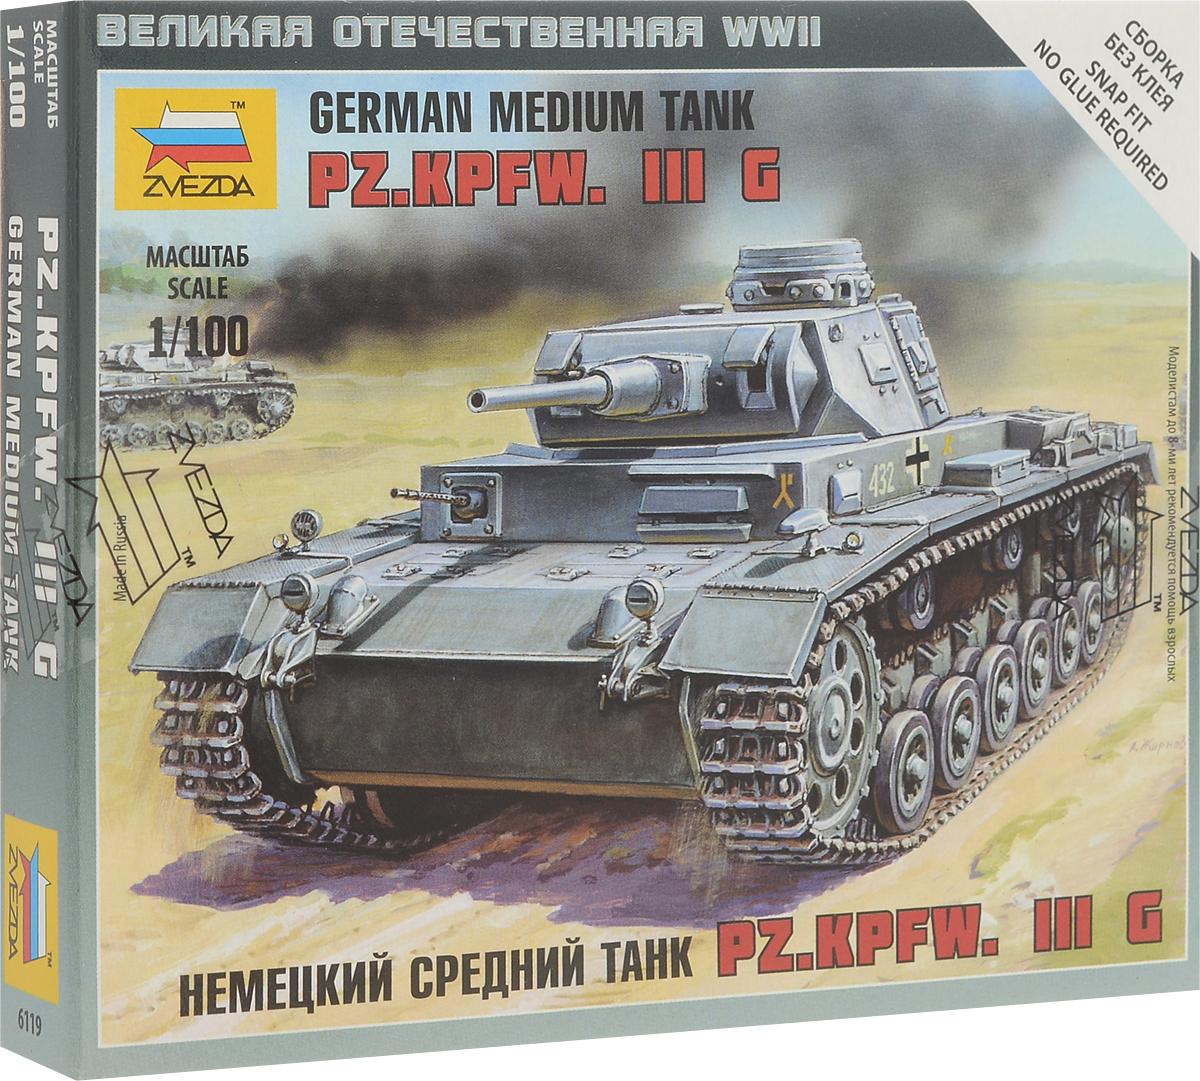 Звезда Сборная модель Немецкий средний танк Pz.Kpfw. III G